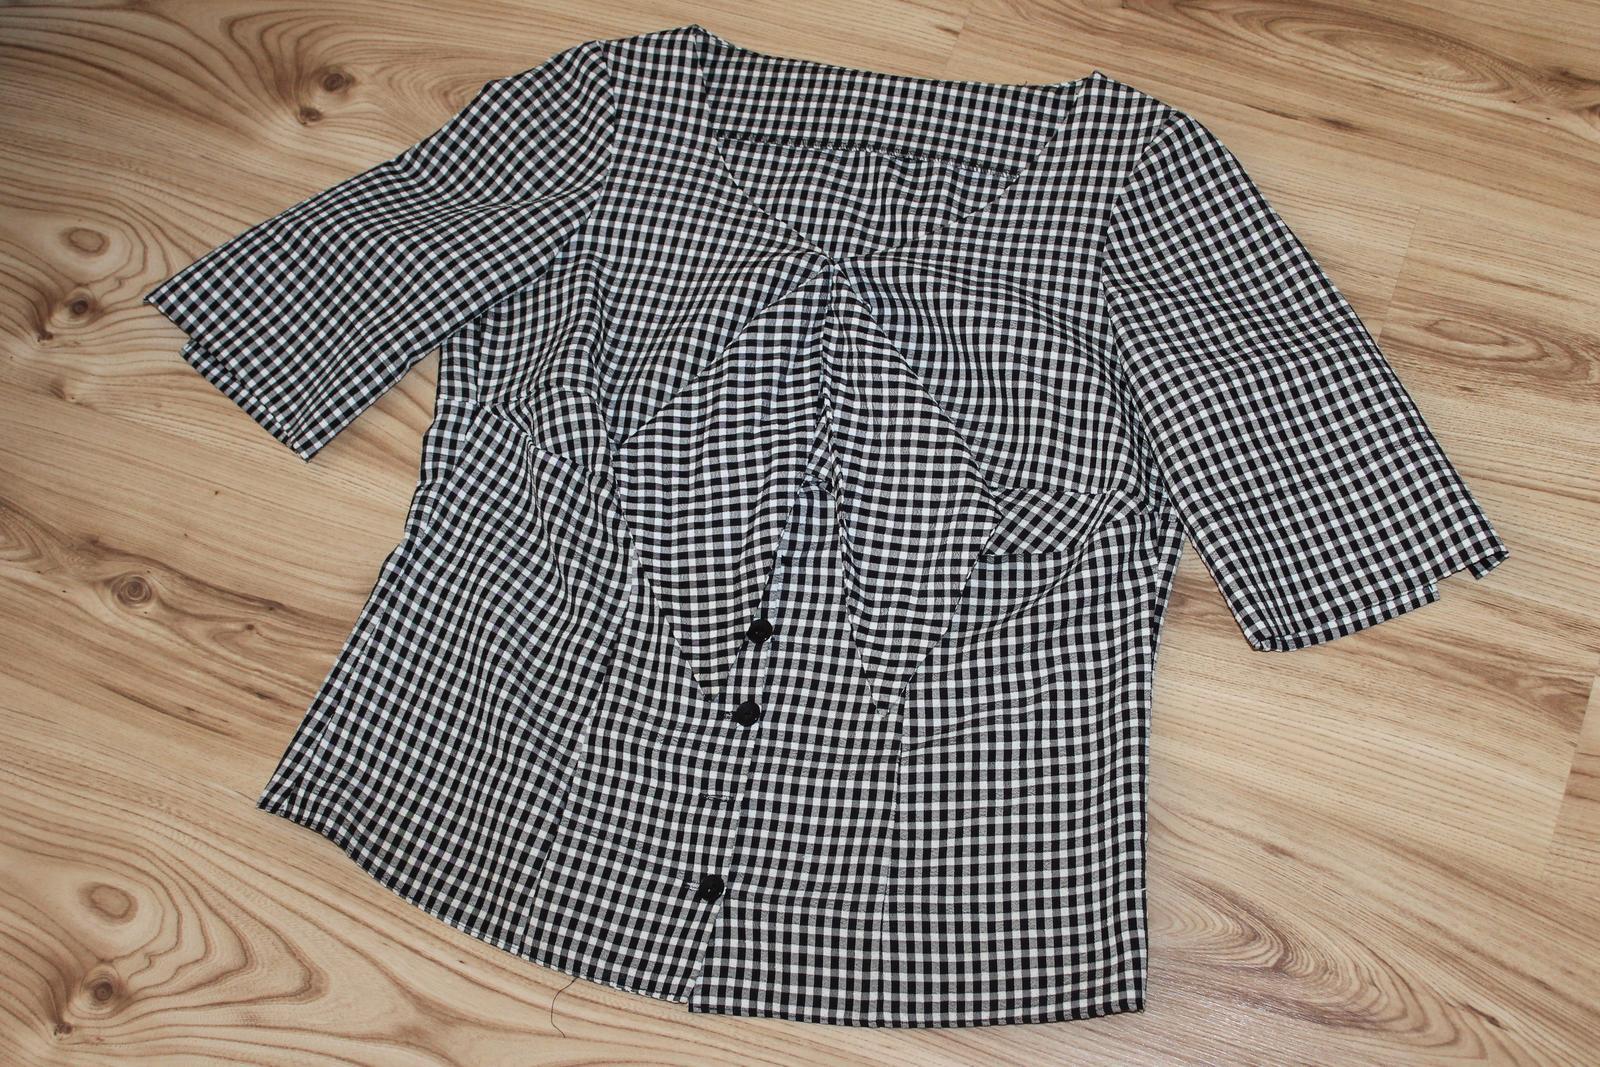 Karovana bluzka - Obrázok č. 1